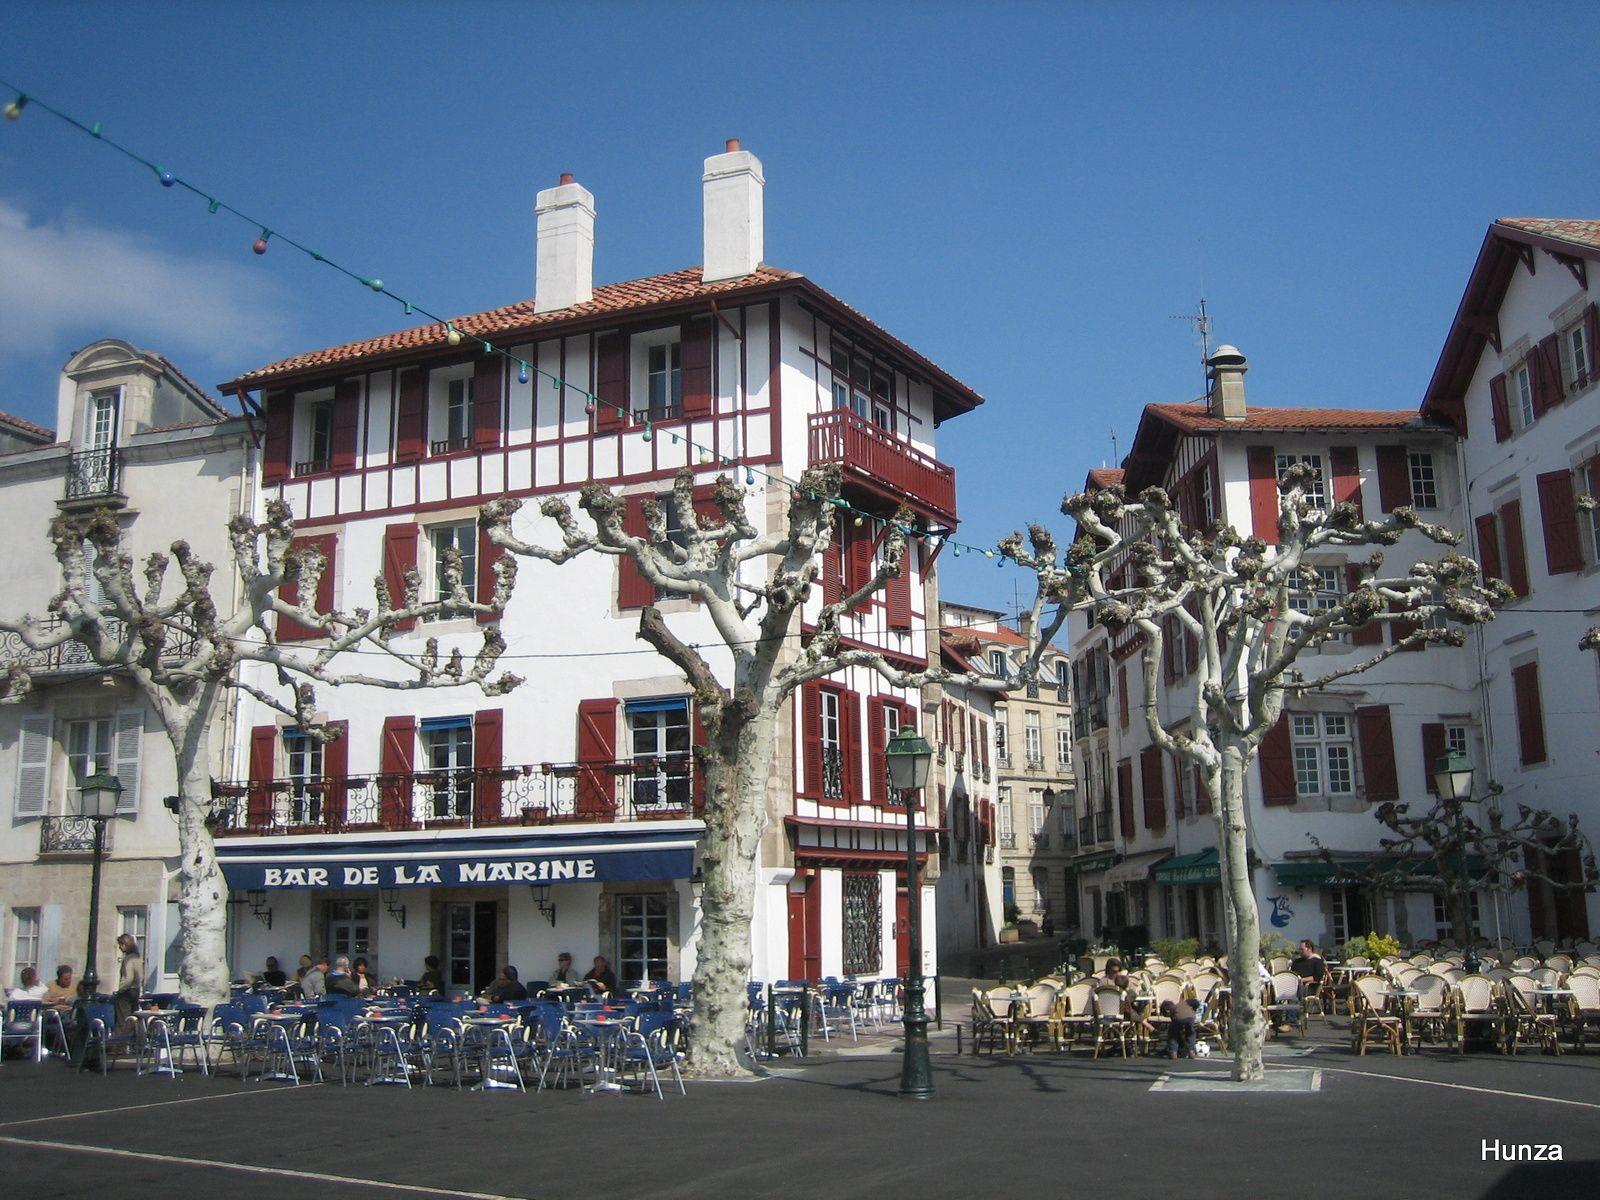 Balade autour de la baie de Saint-Jean de Luz